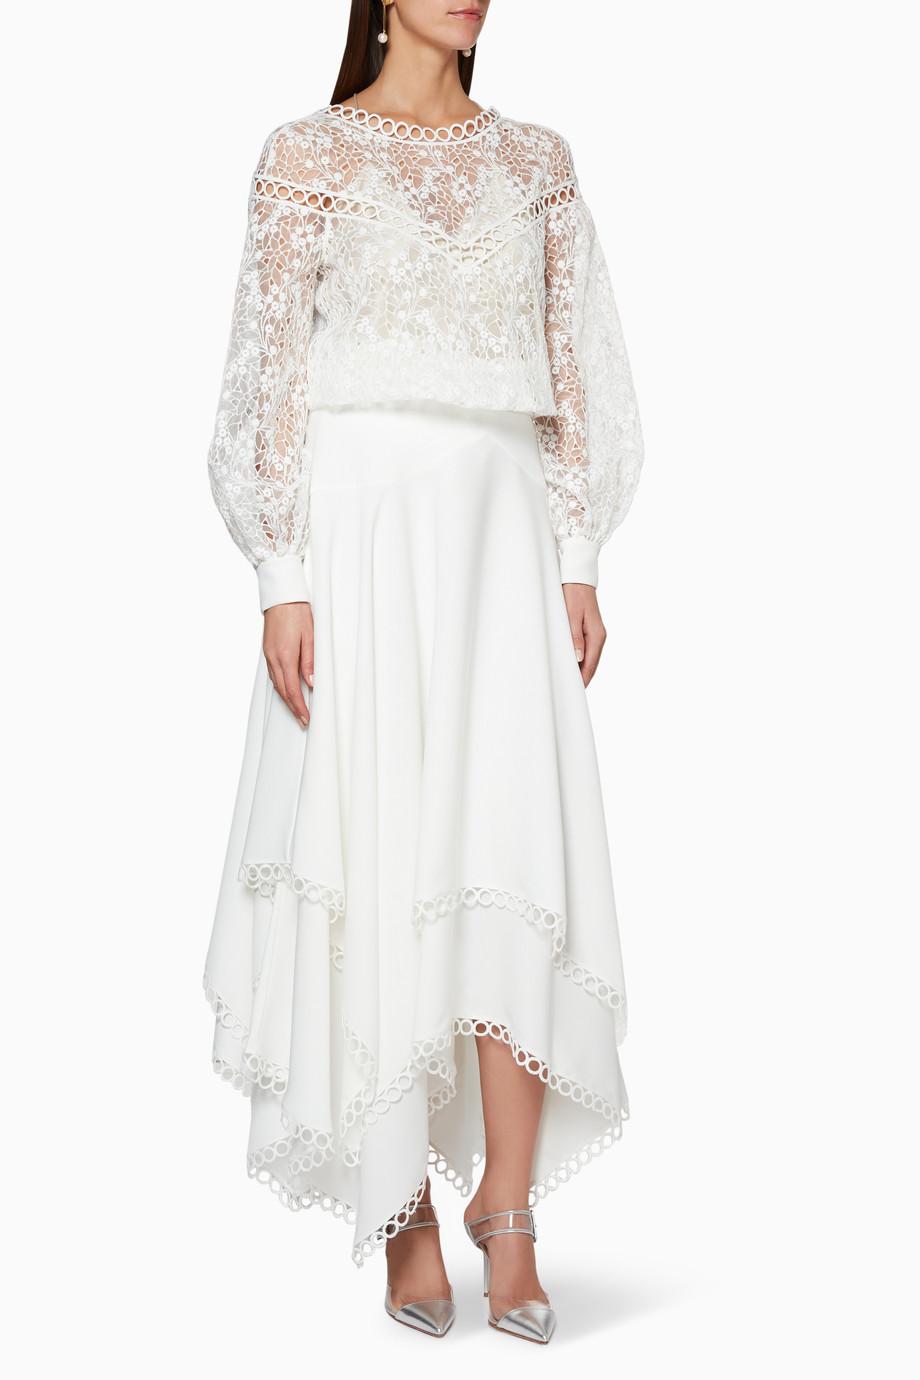 c52ab7ee16d Shop Özgür Masur White White Lace Top   Skirt Set for Women